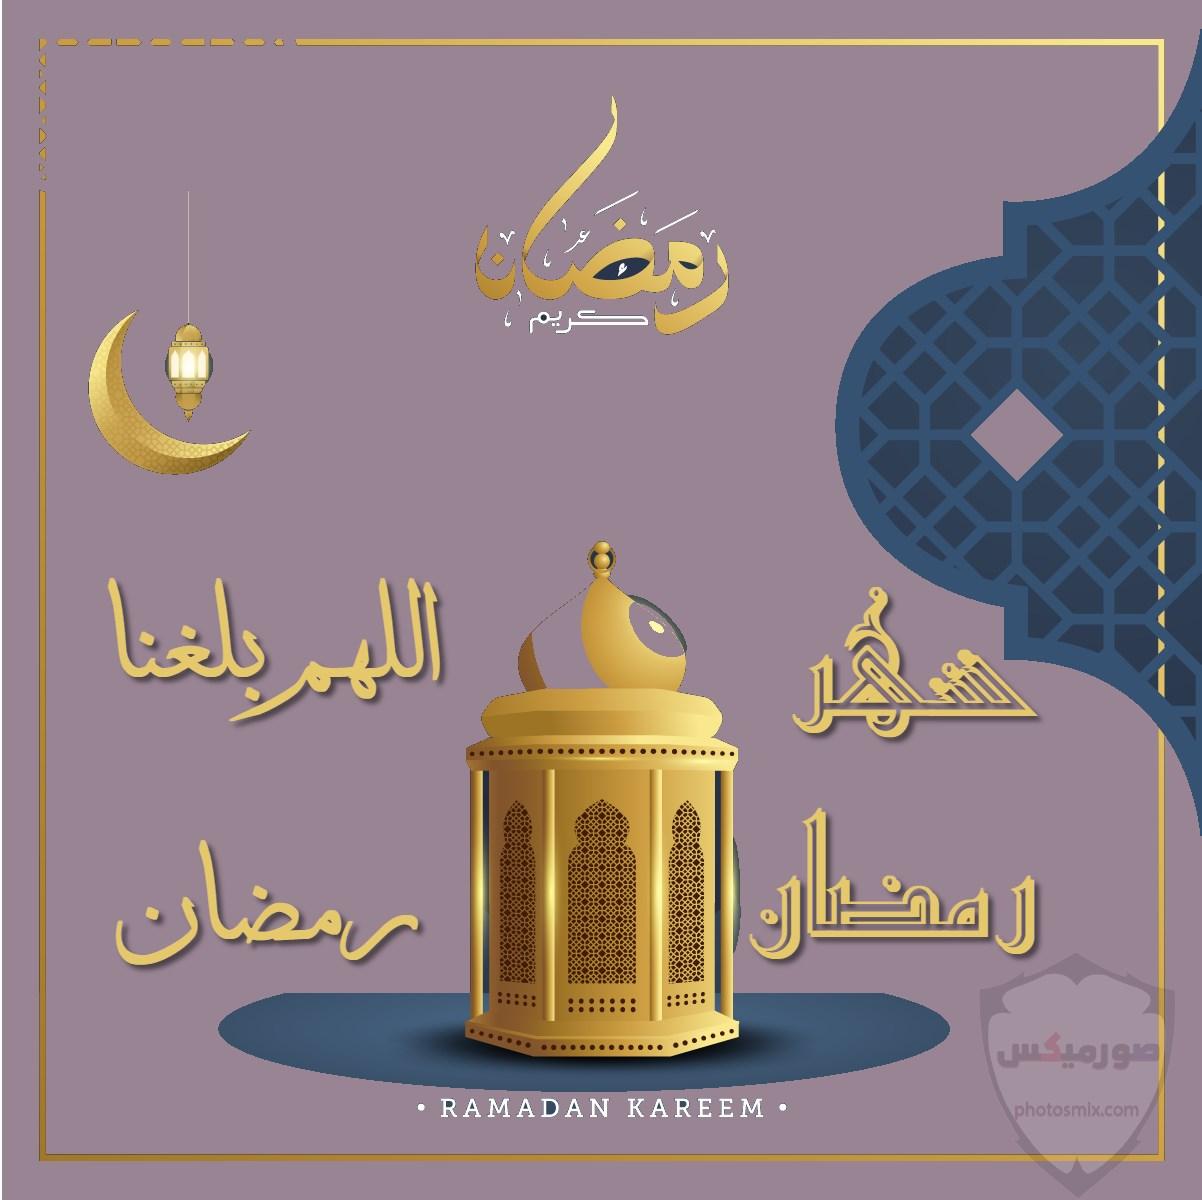 دعاء رمضان 2020 الادعية الرمضان فى 2020 3